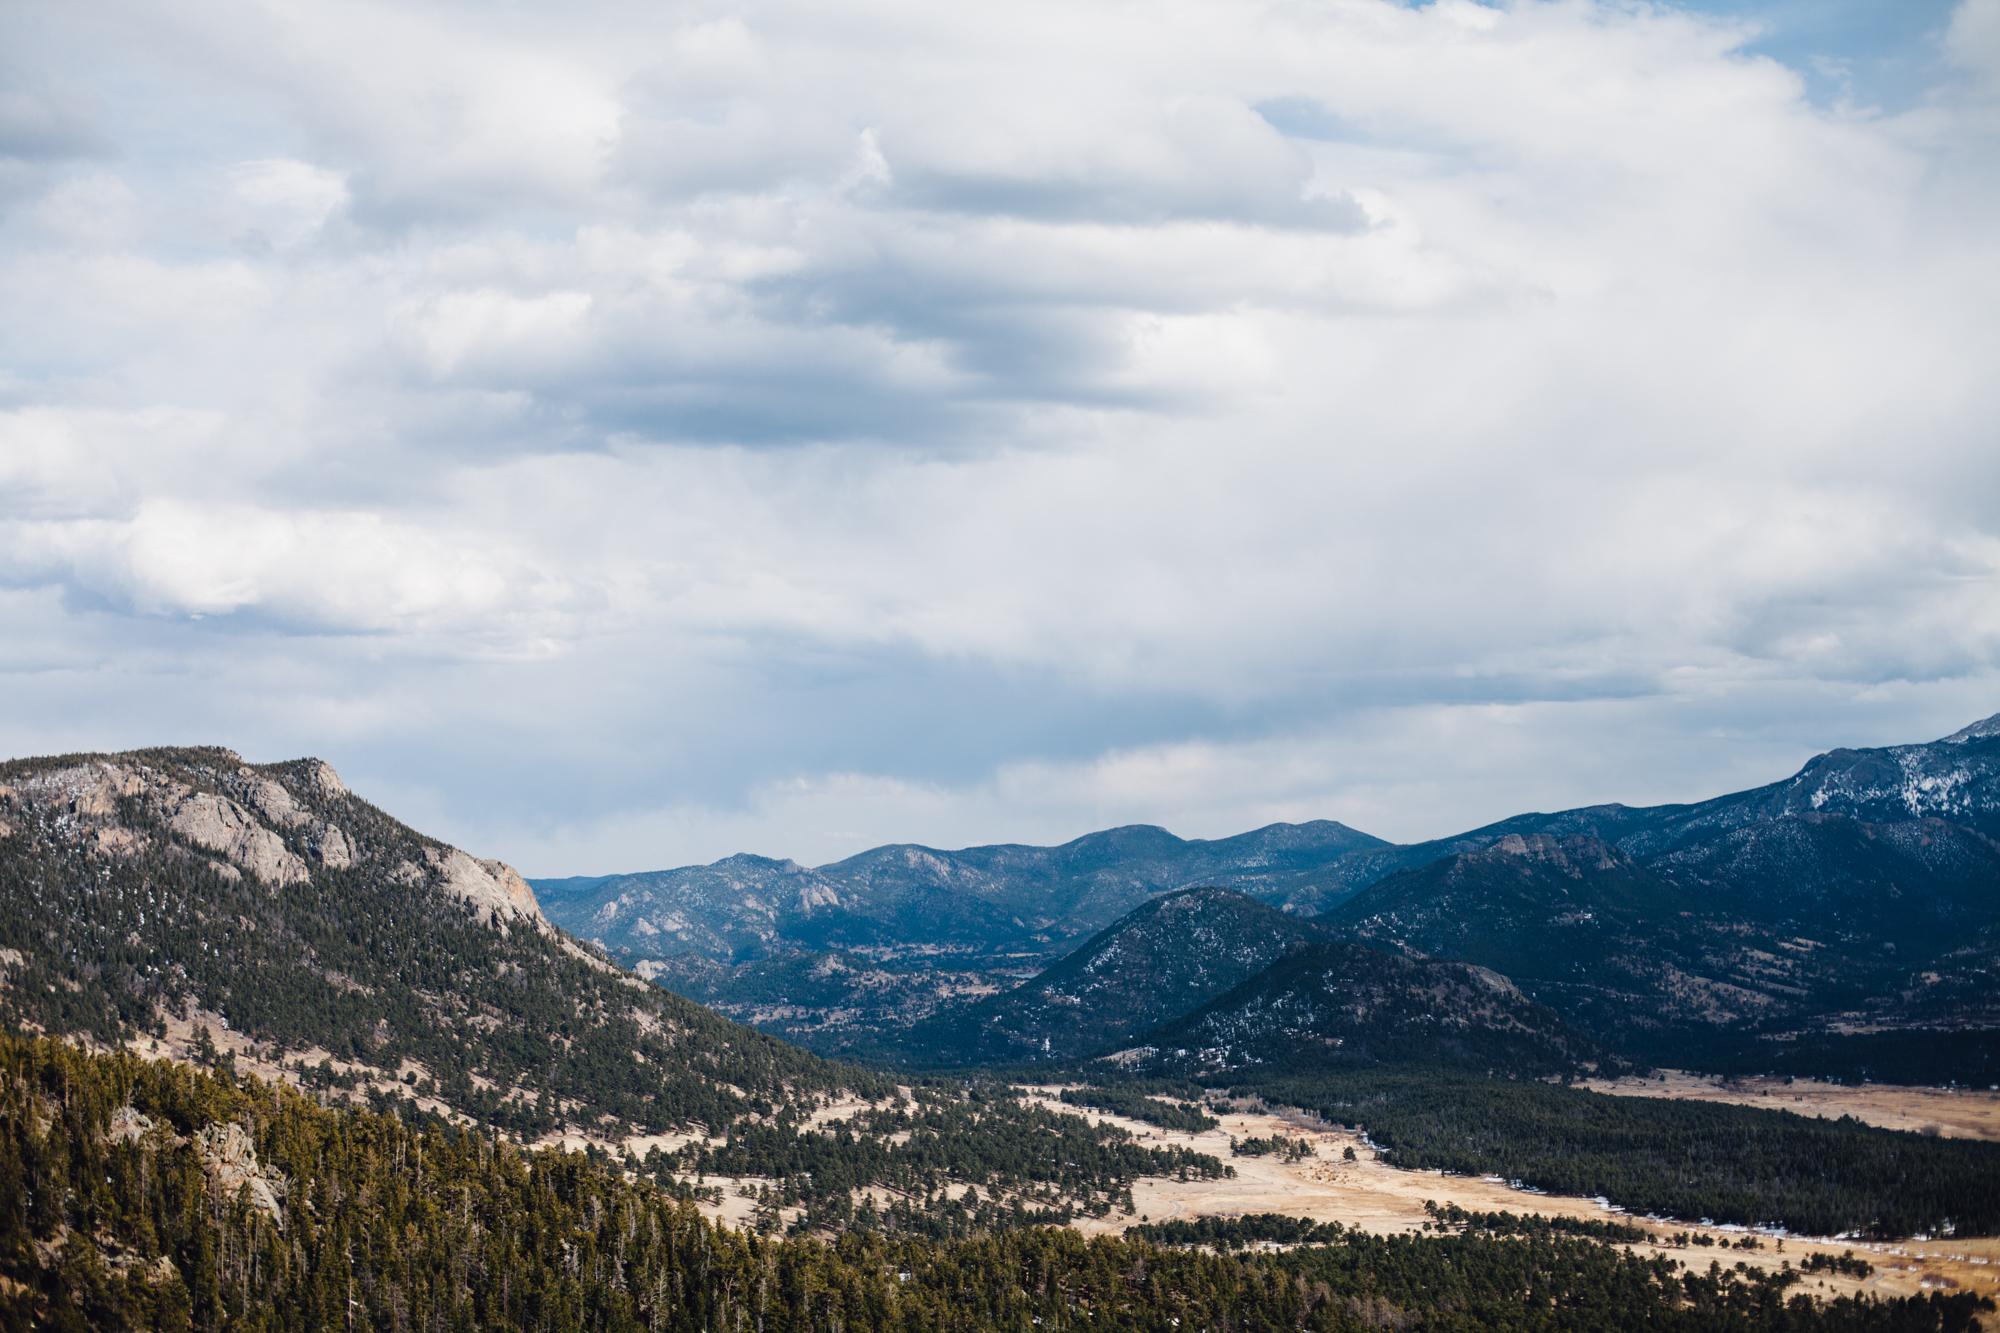 Estes park, Colorado via will frolic for food